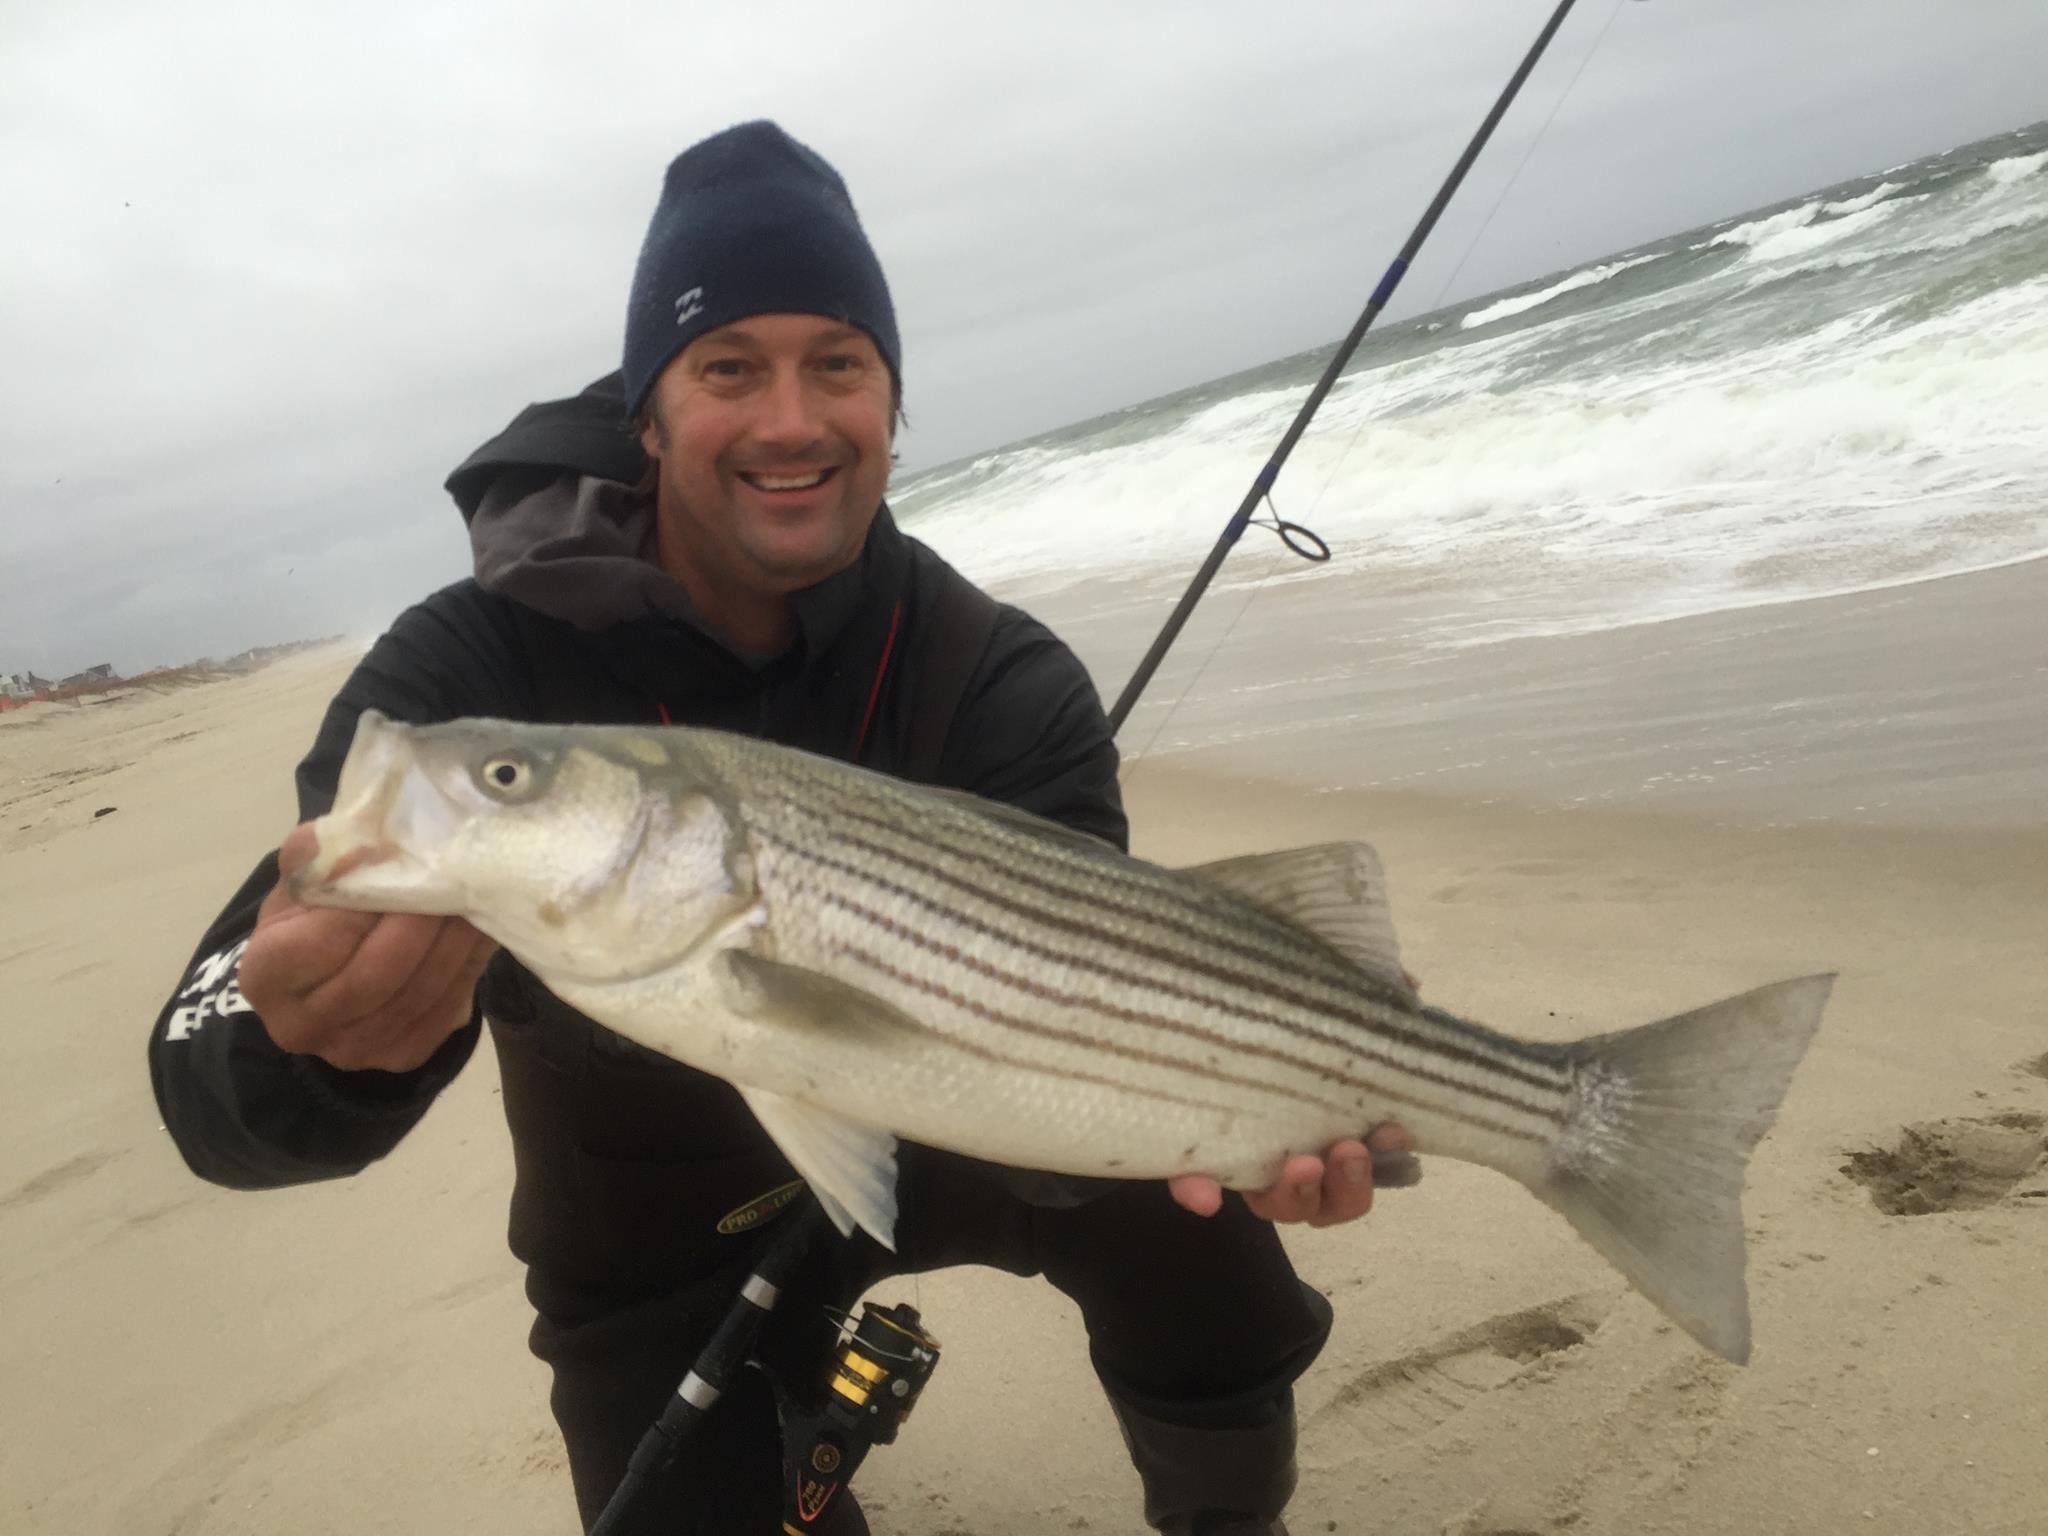 Deen ween fishing show striped bass